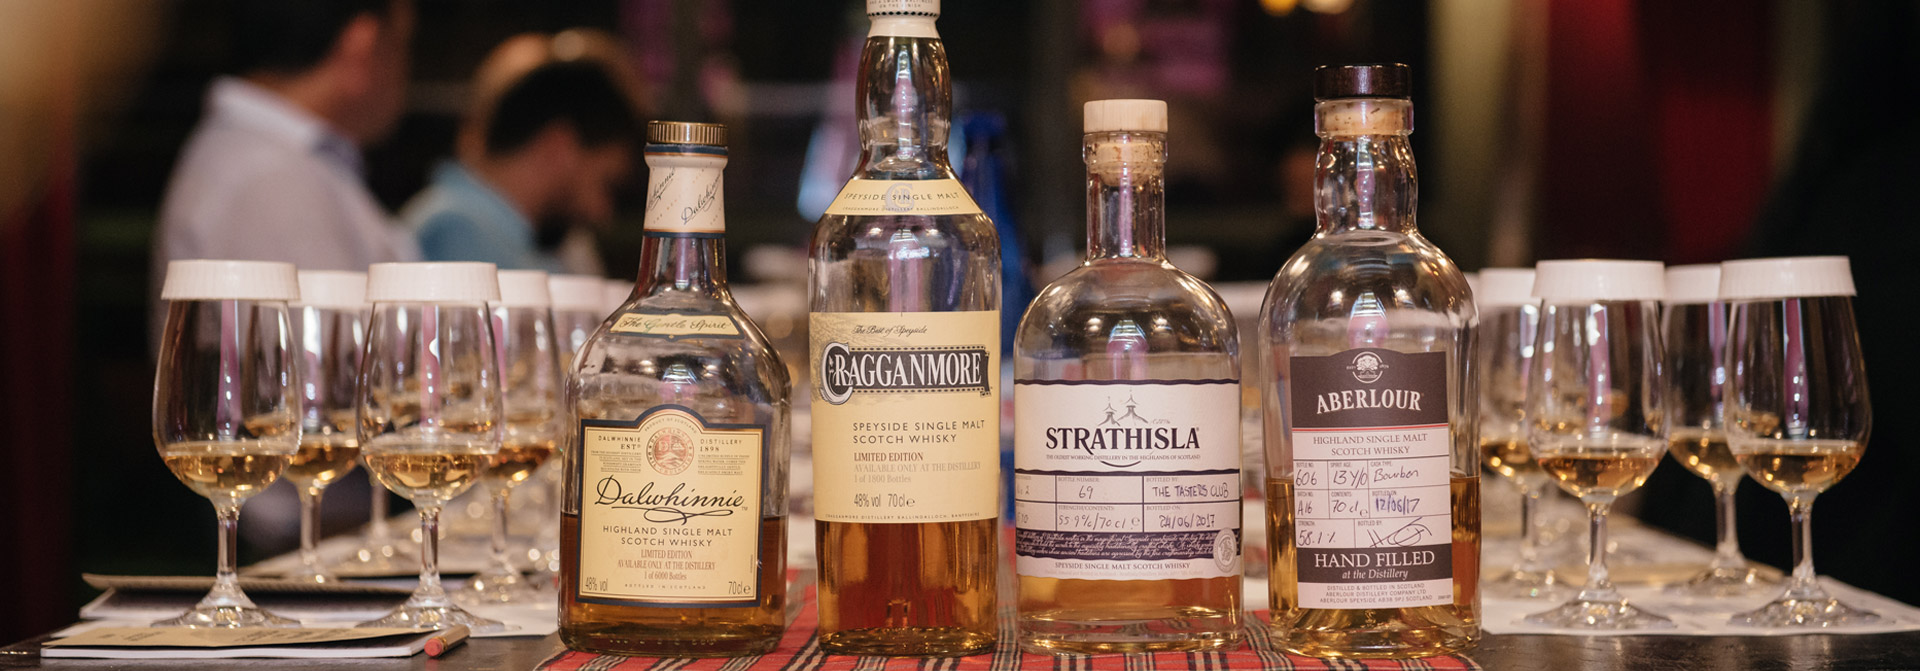 tasters club whisky tasting day-16-noel dalwhinnie cragganmore strathisla aberlour